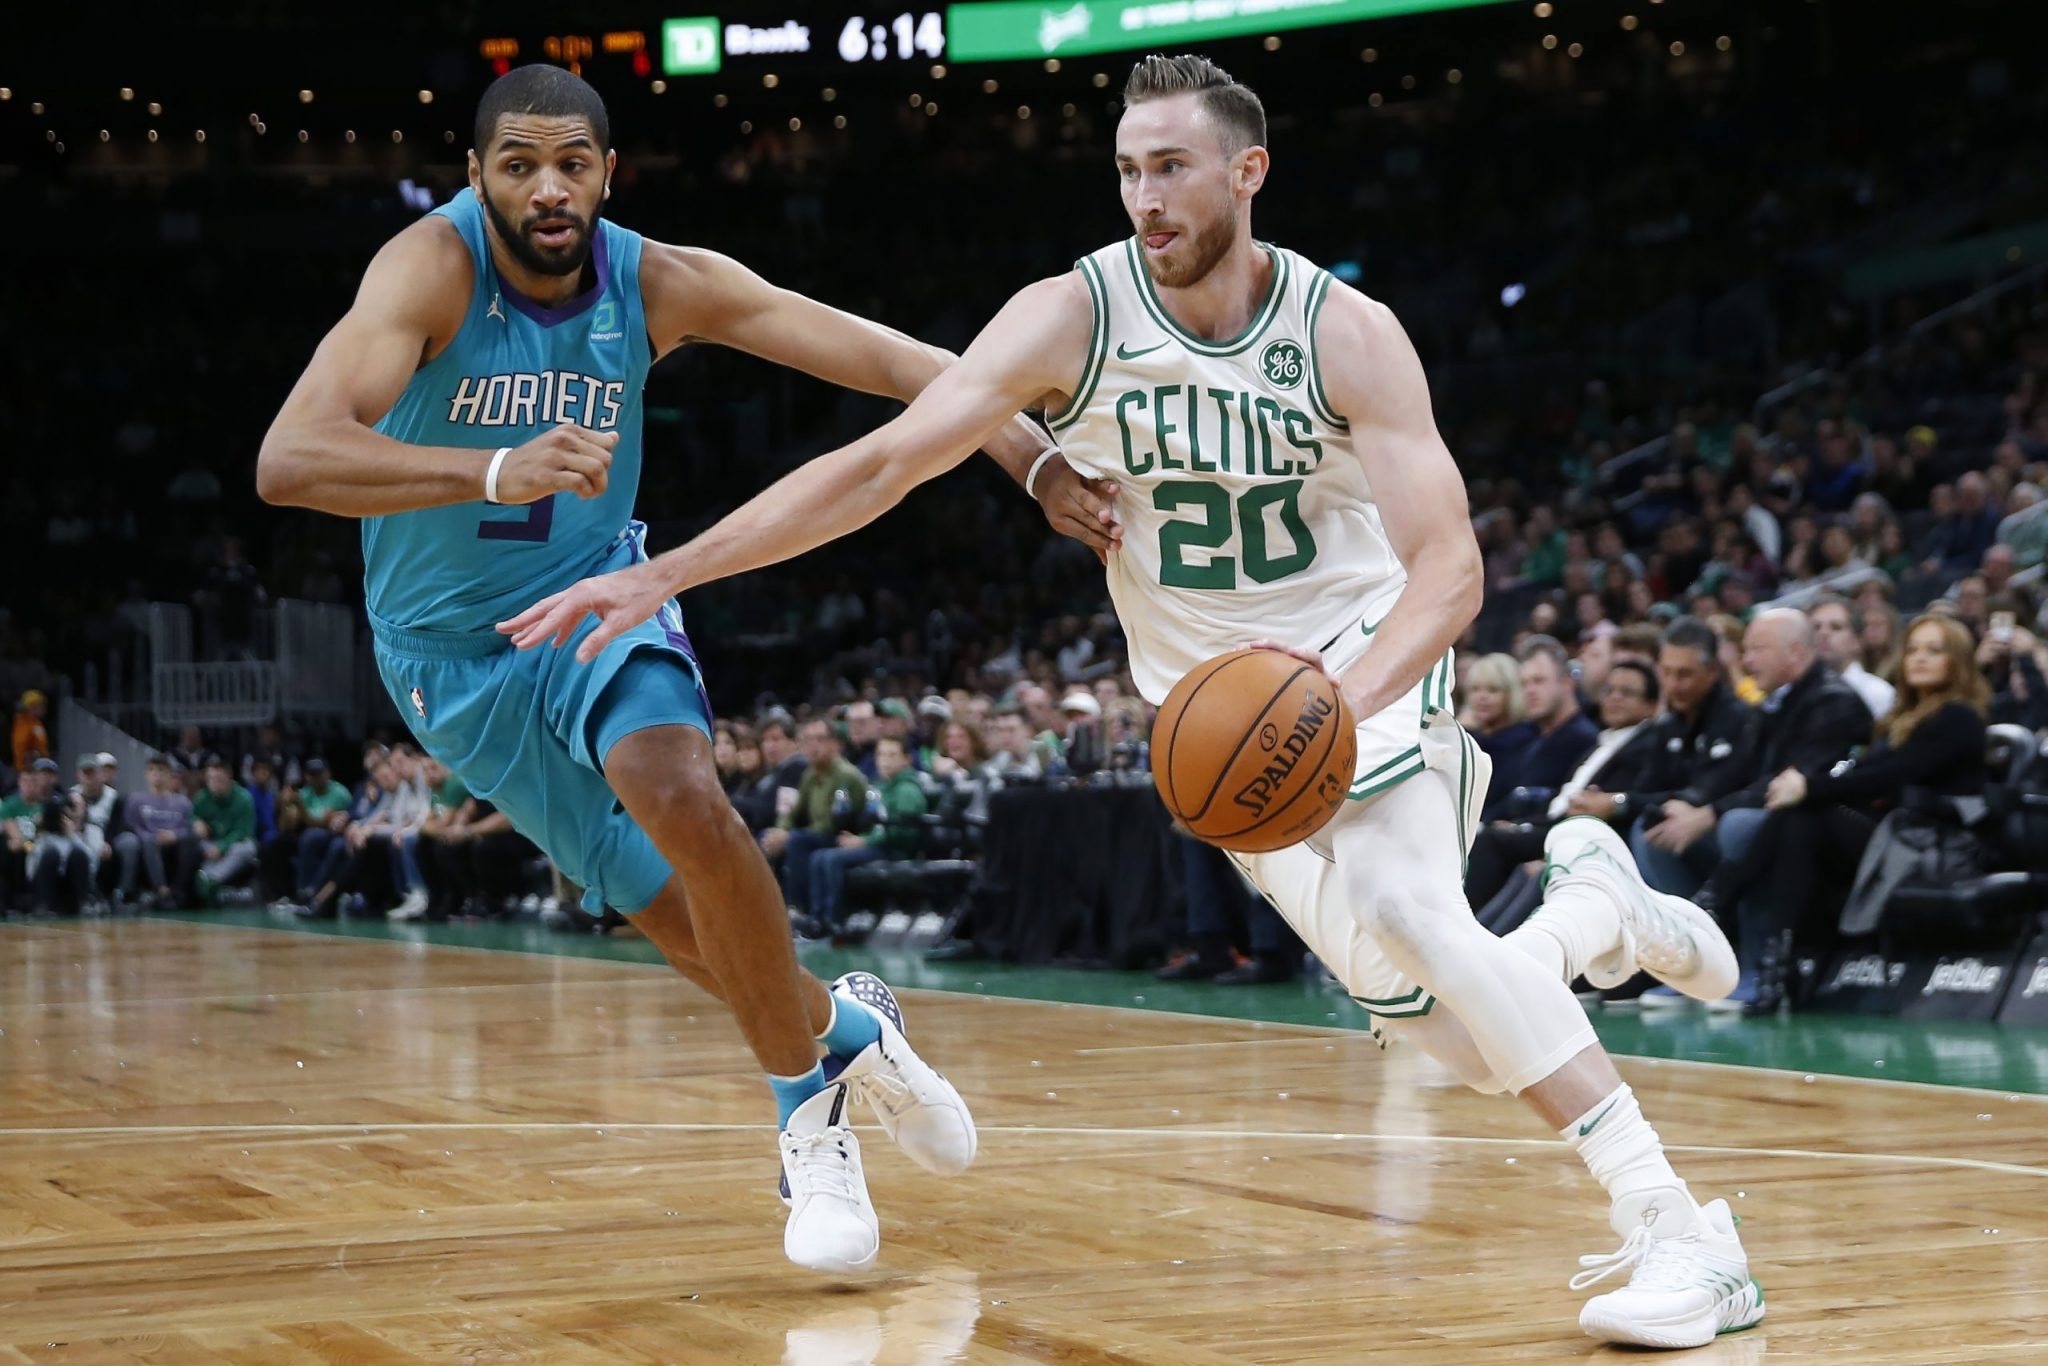 El curioso caso de Batum y la excepción salarial de los Boston Celtics con Hayward